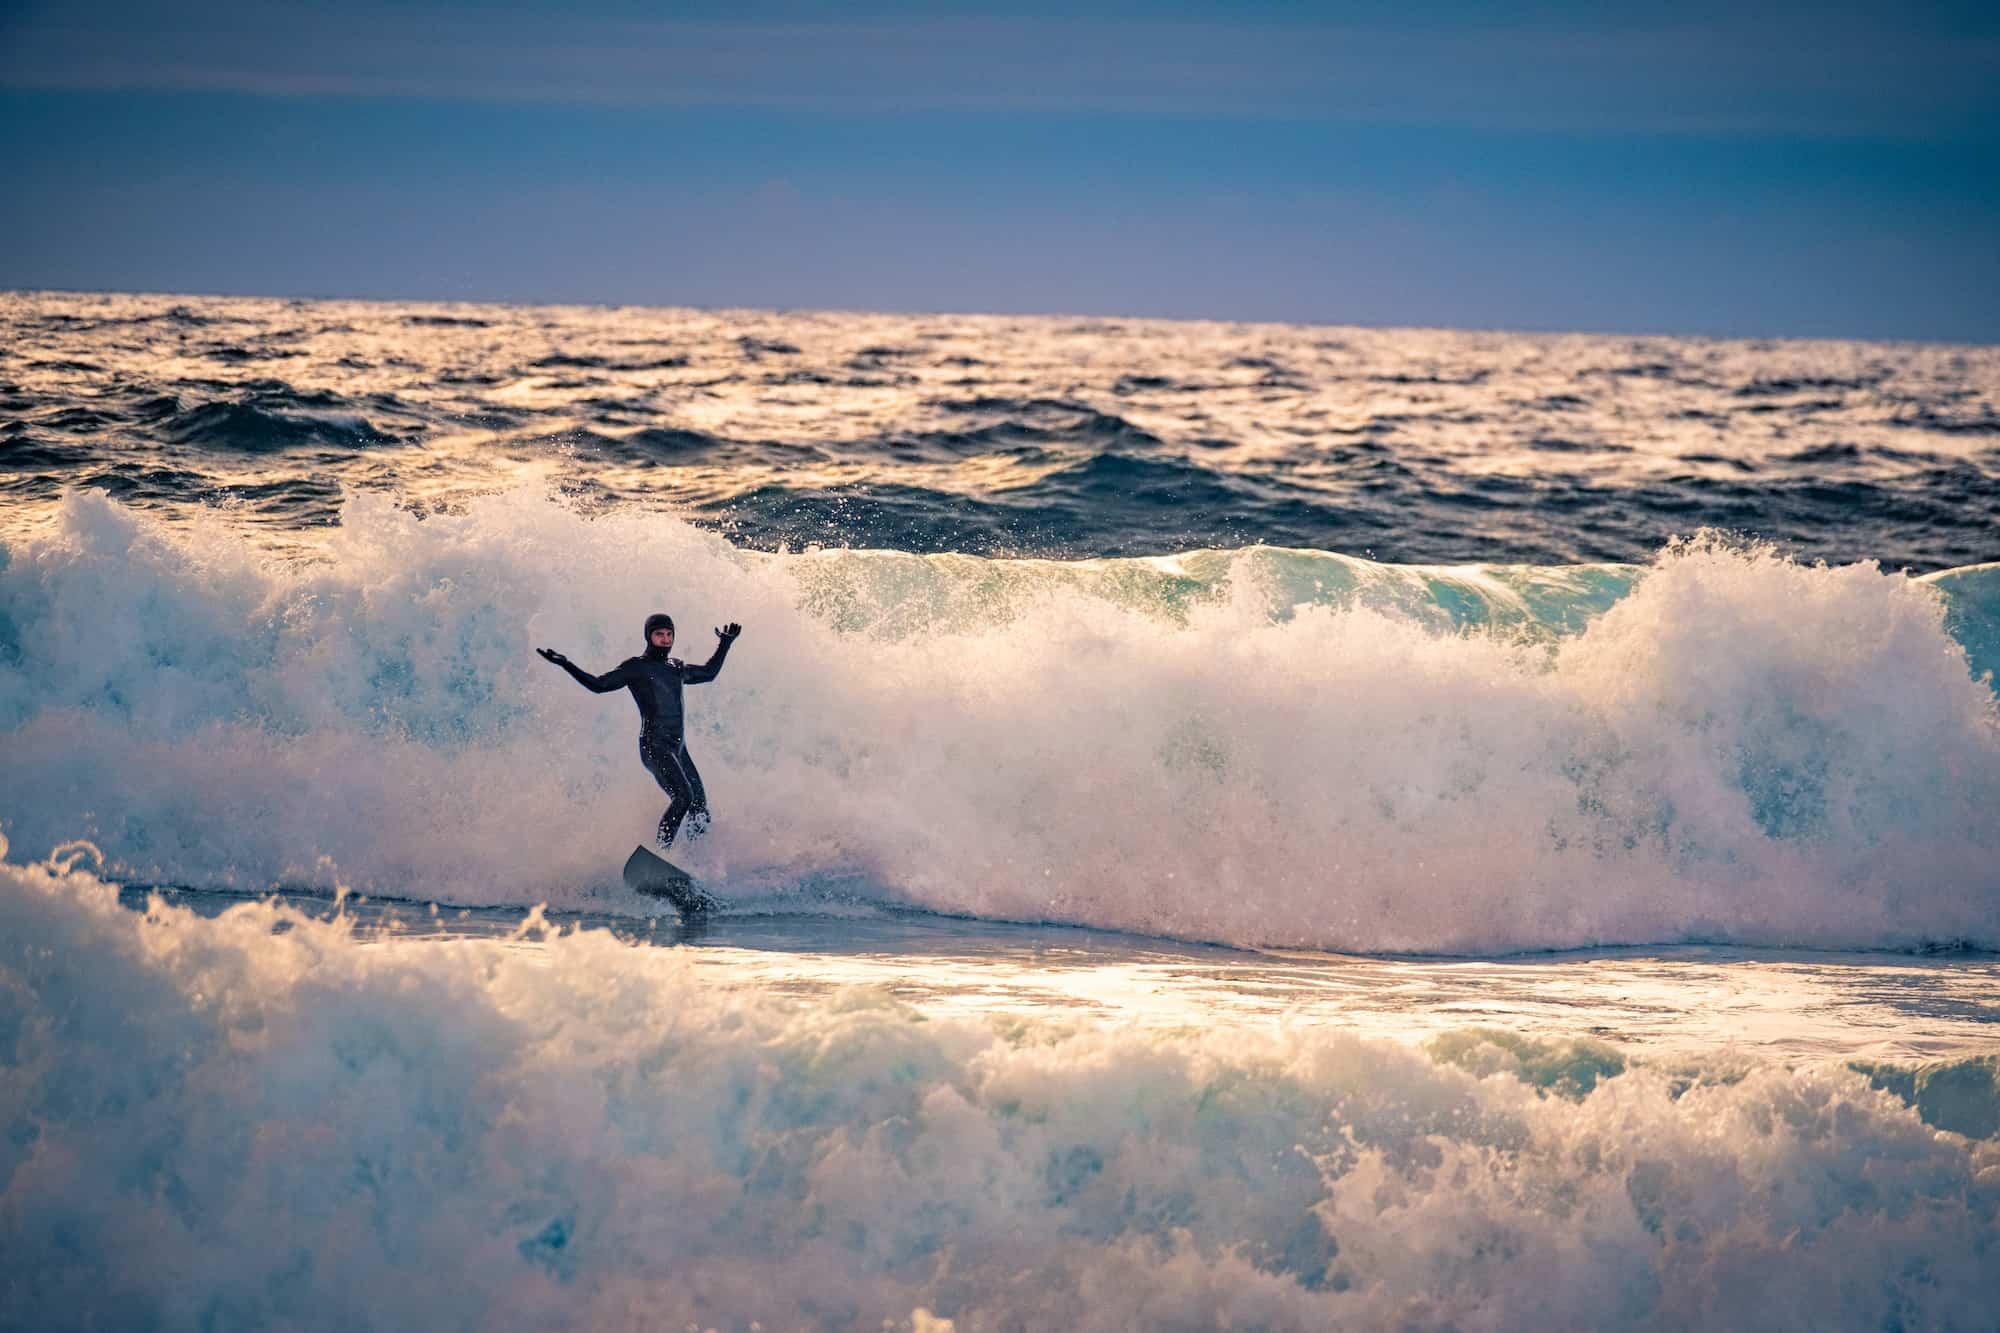 Hva skjer med surfing i Ålesund?